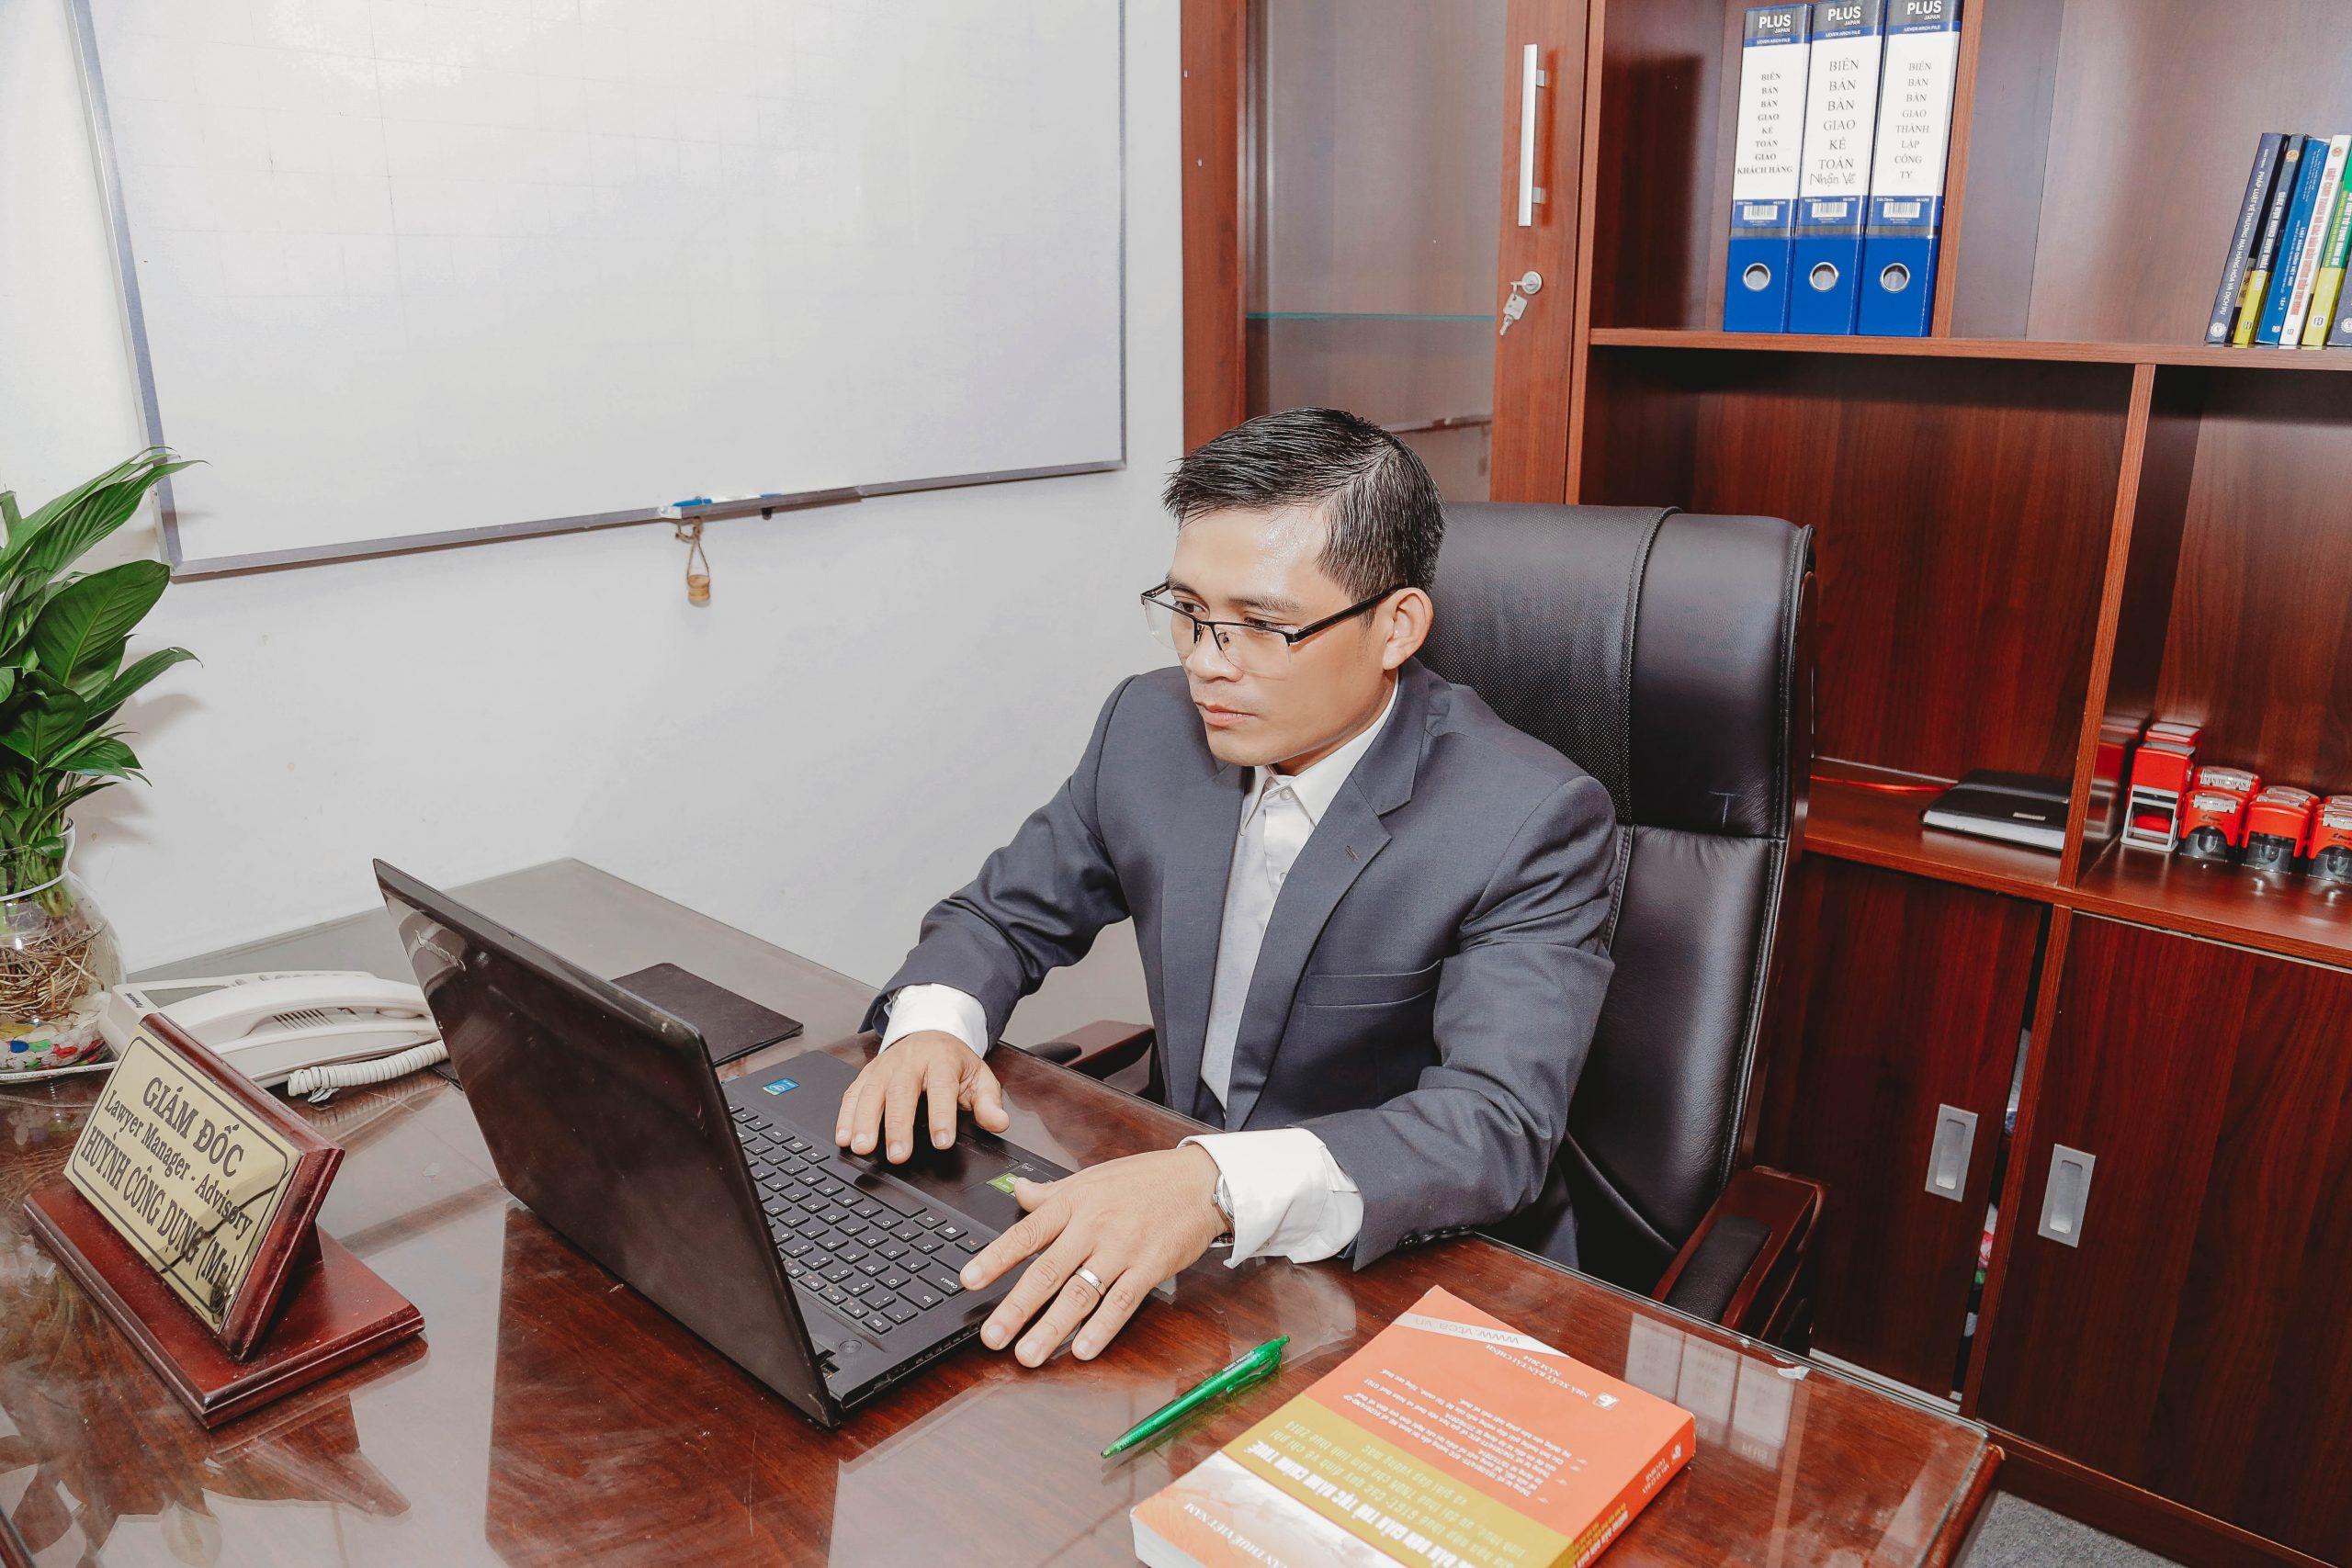 Dịch vụ kê khai nộp thuế môn bài khi chuyển địa điểm 2021